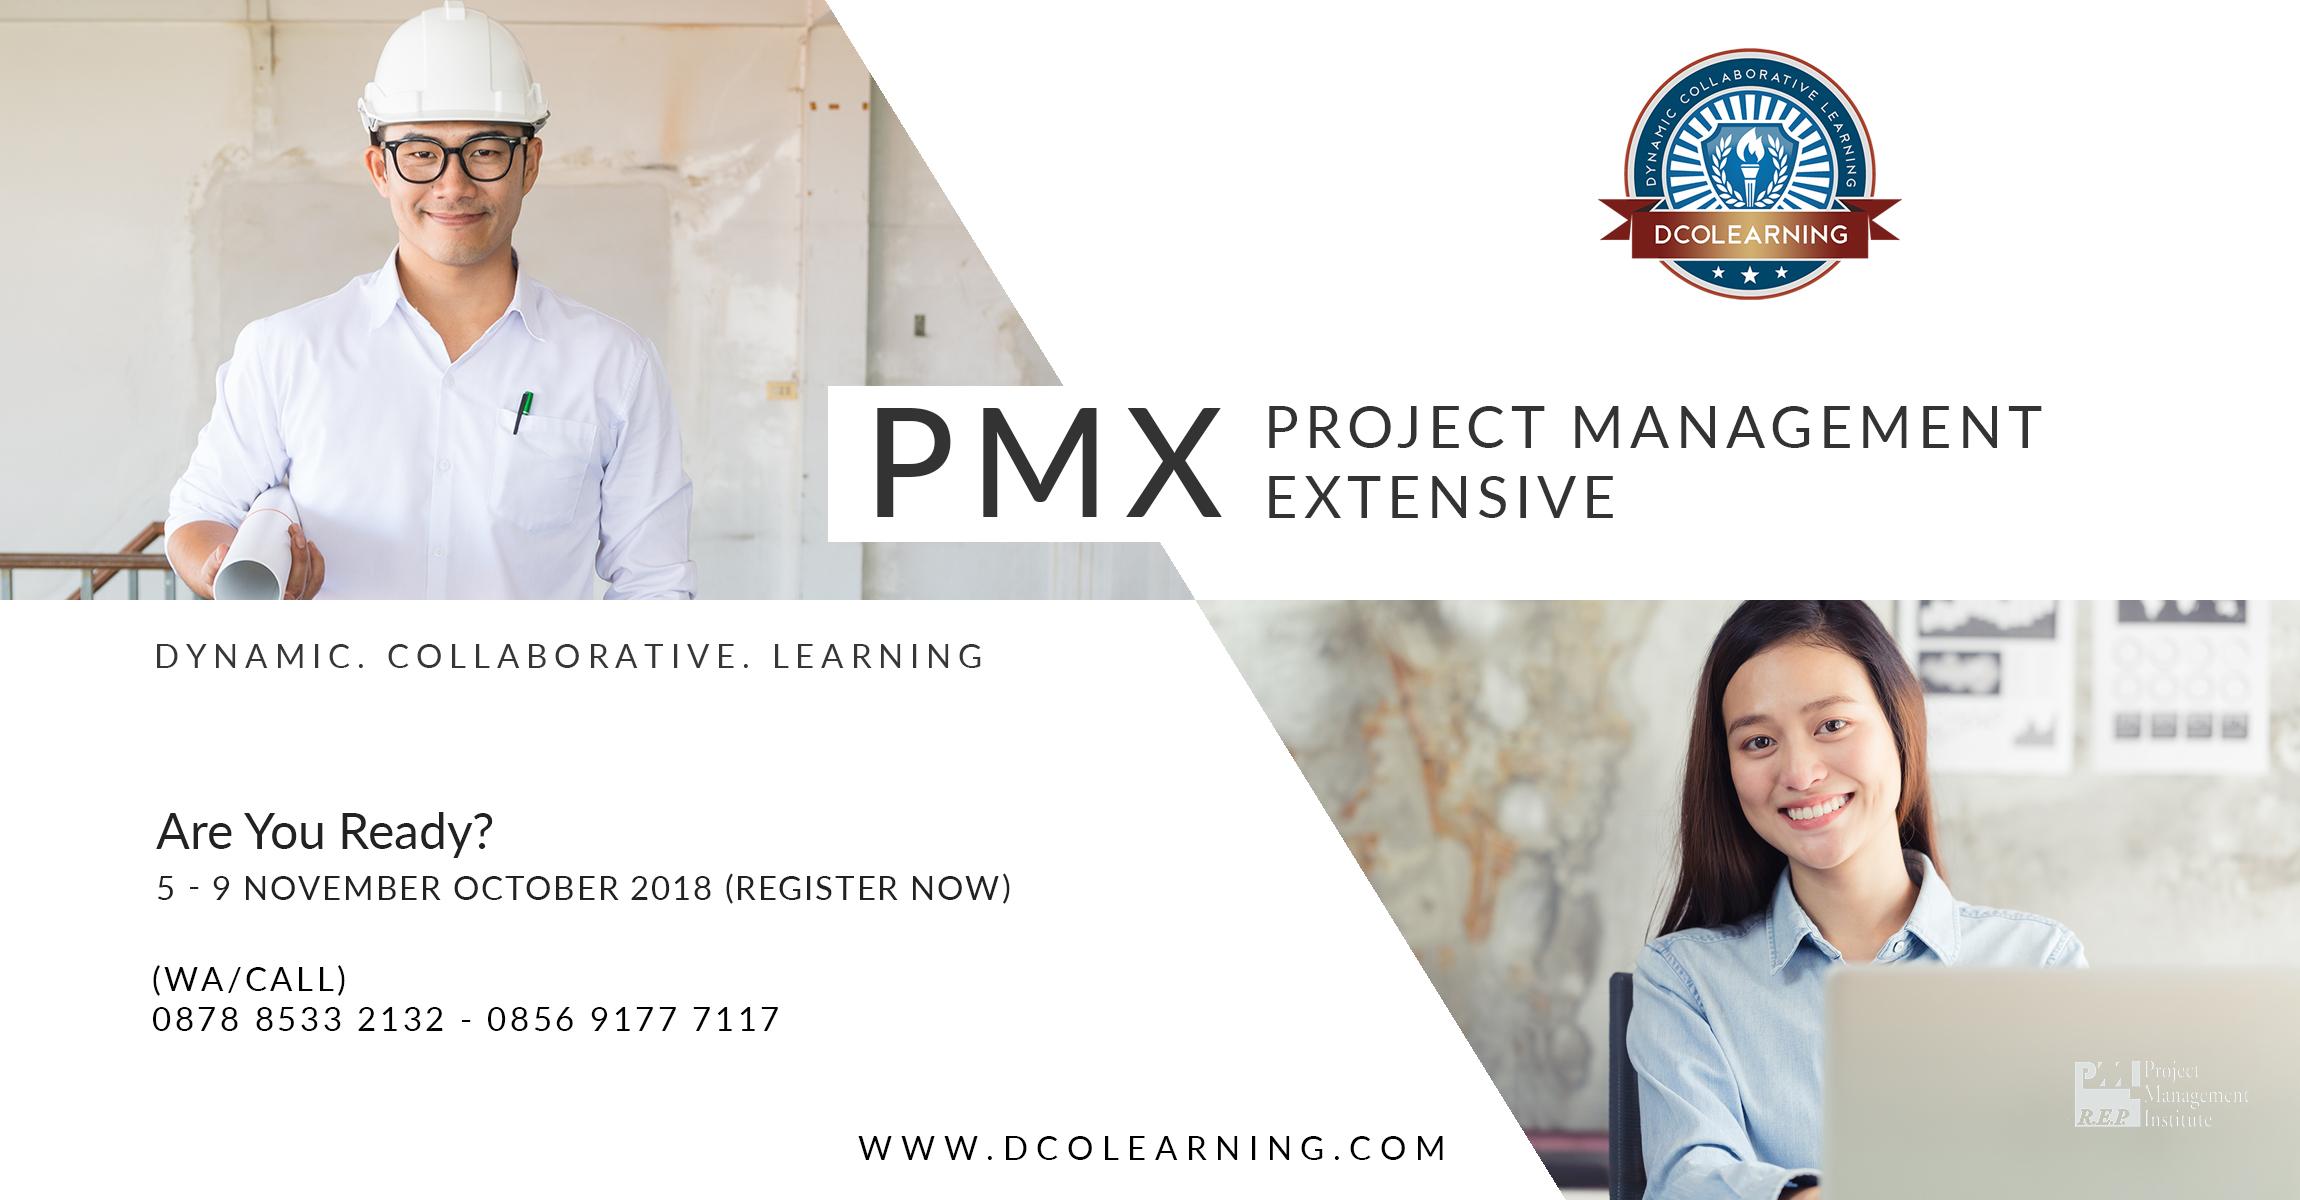 Project Management Extensive PMX